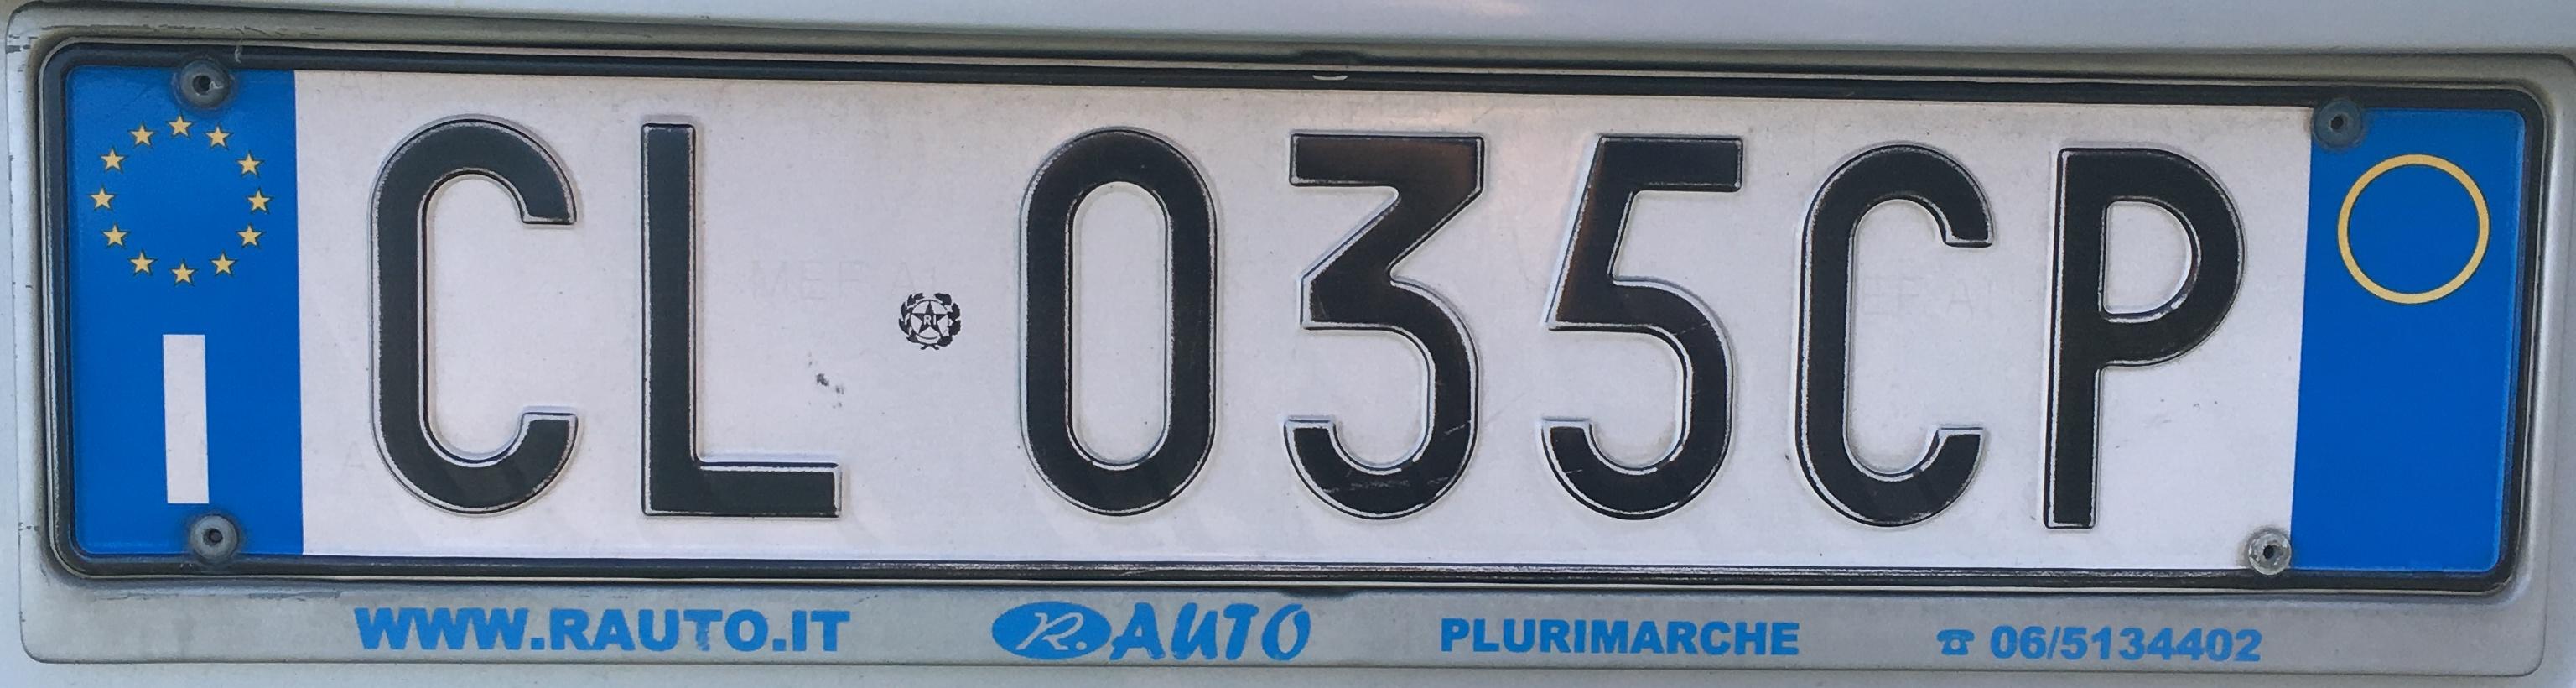 Registrační značka Itálie - bez provincie, foto: vlastní